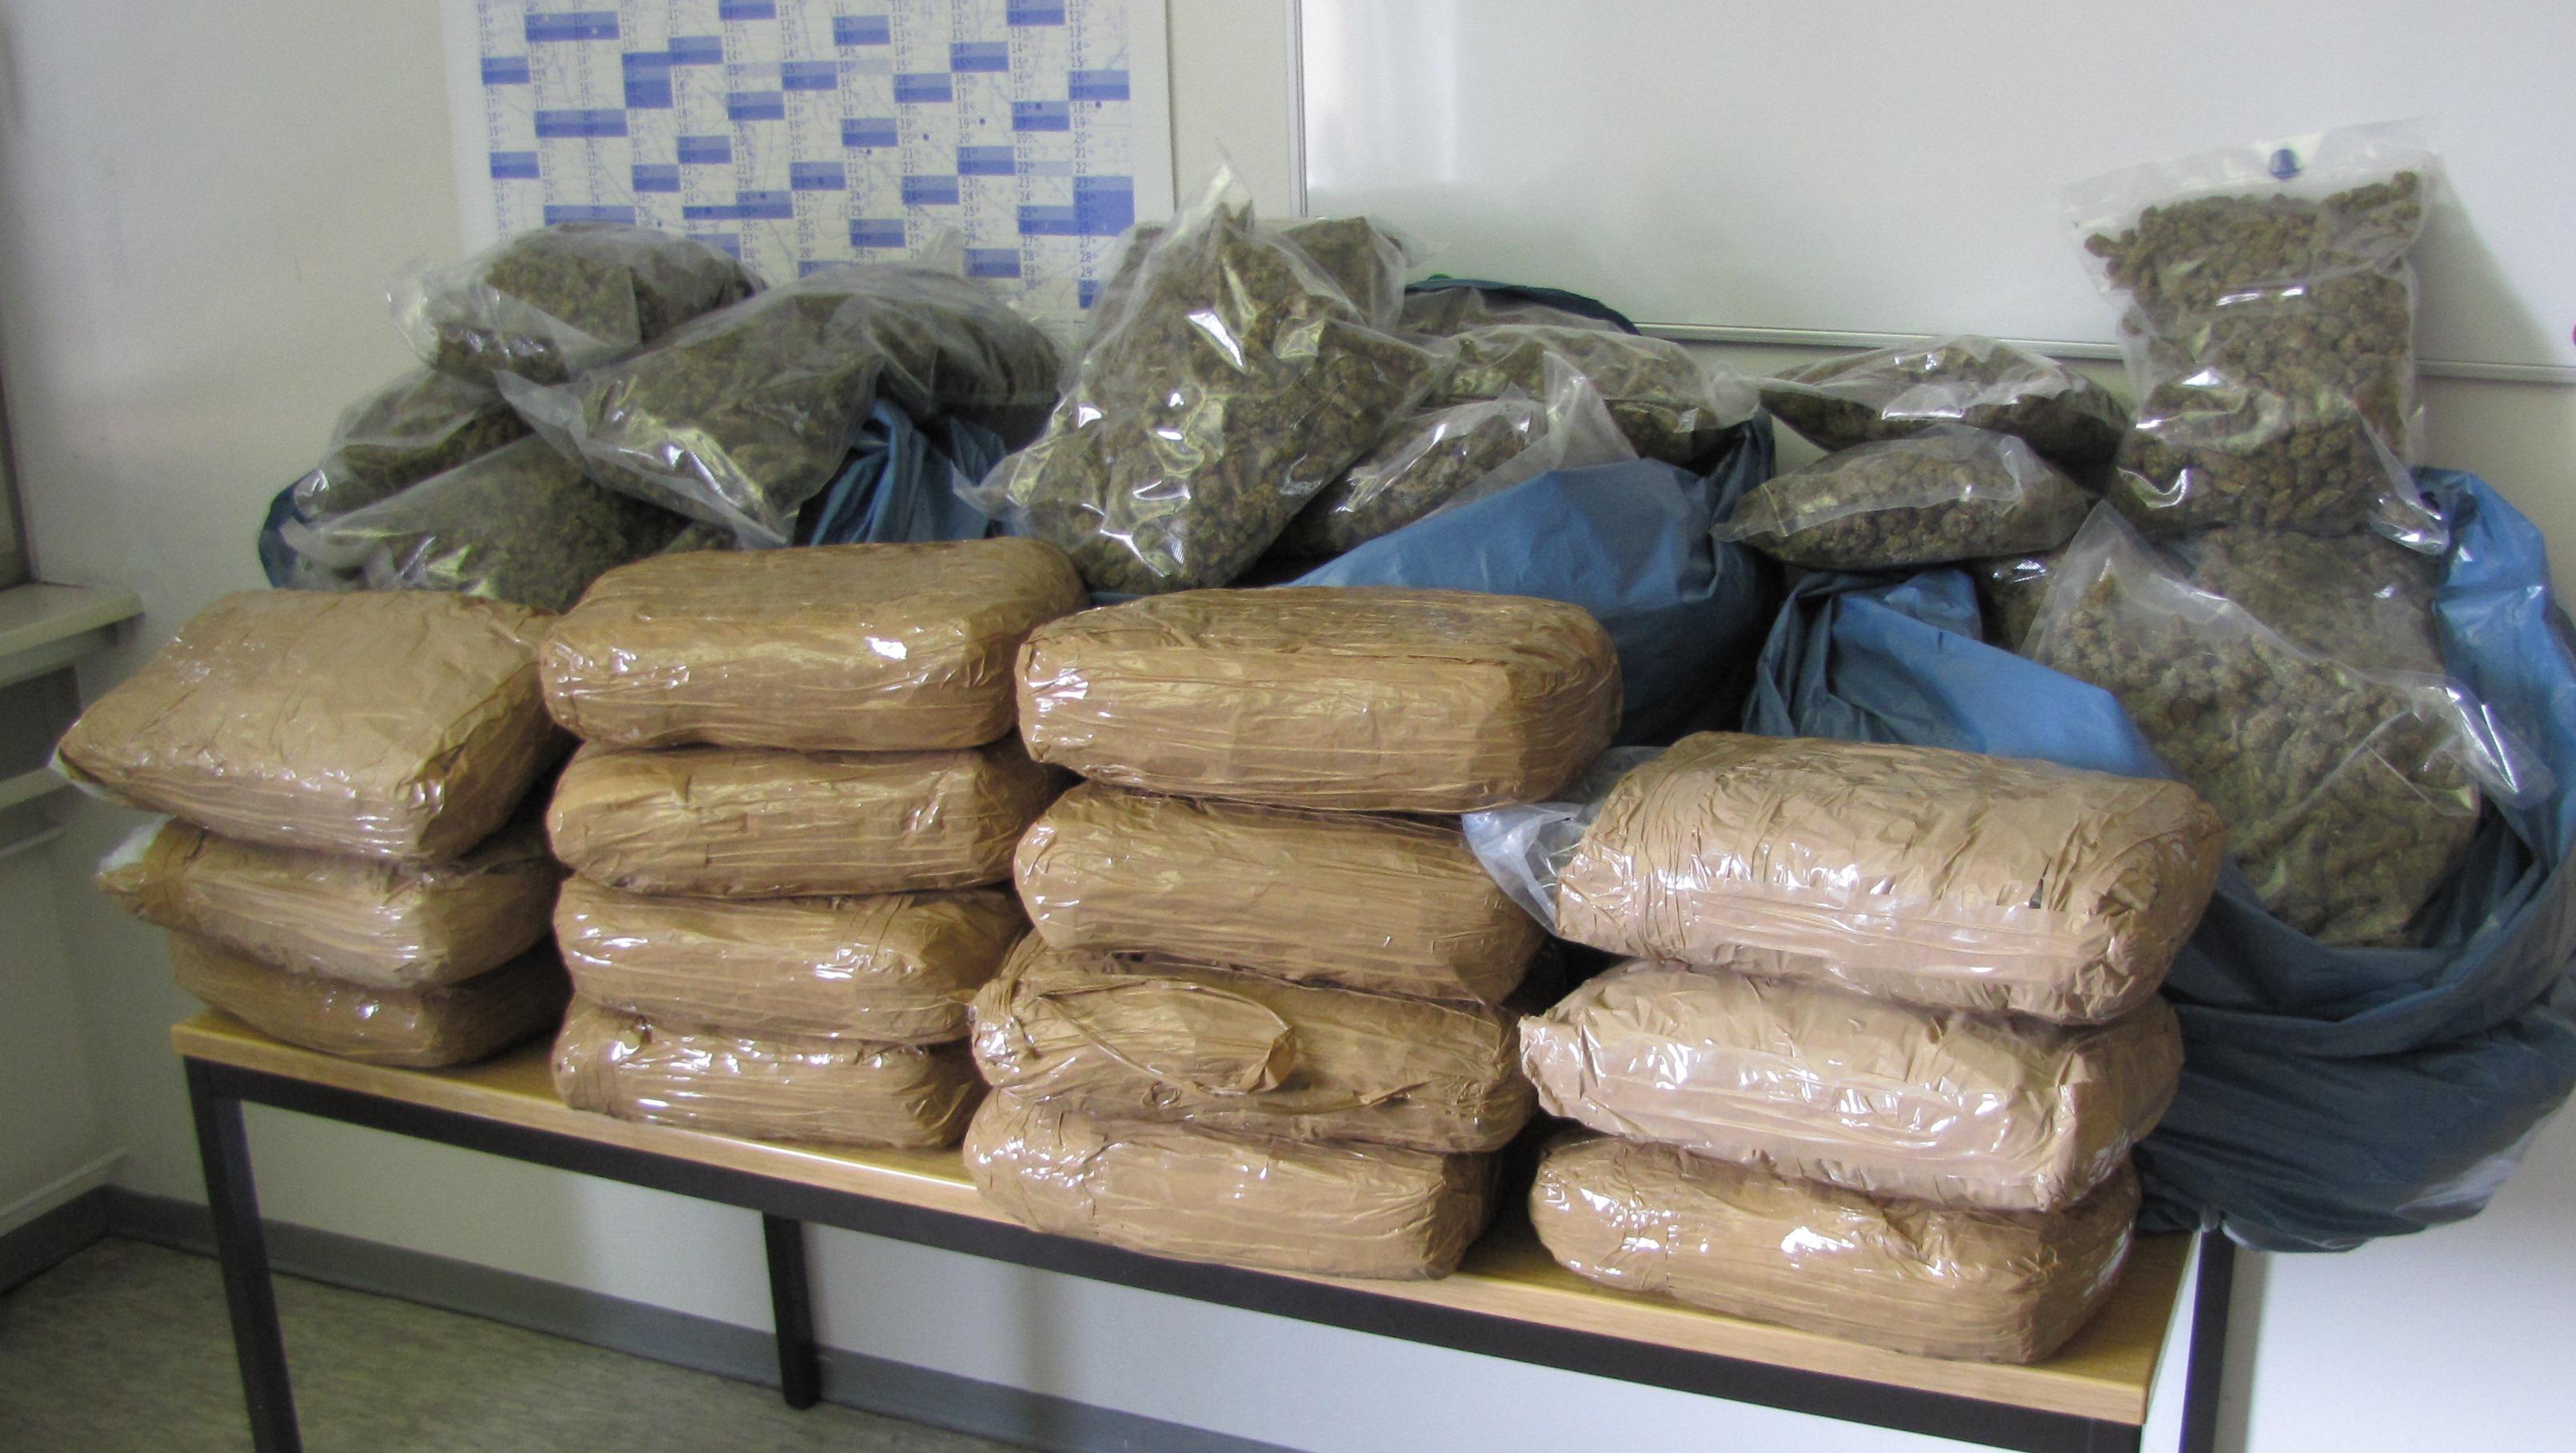 Hessische Polizei stößt zufällig auf mehr als 60 Kilogramm Marihuana